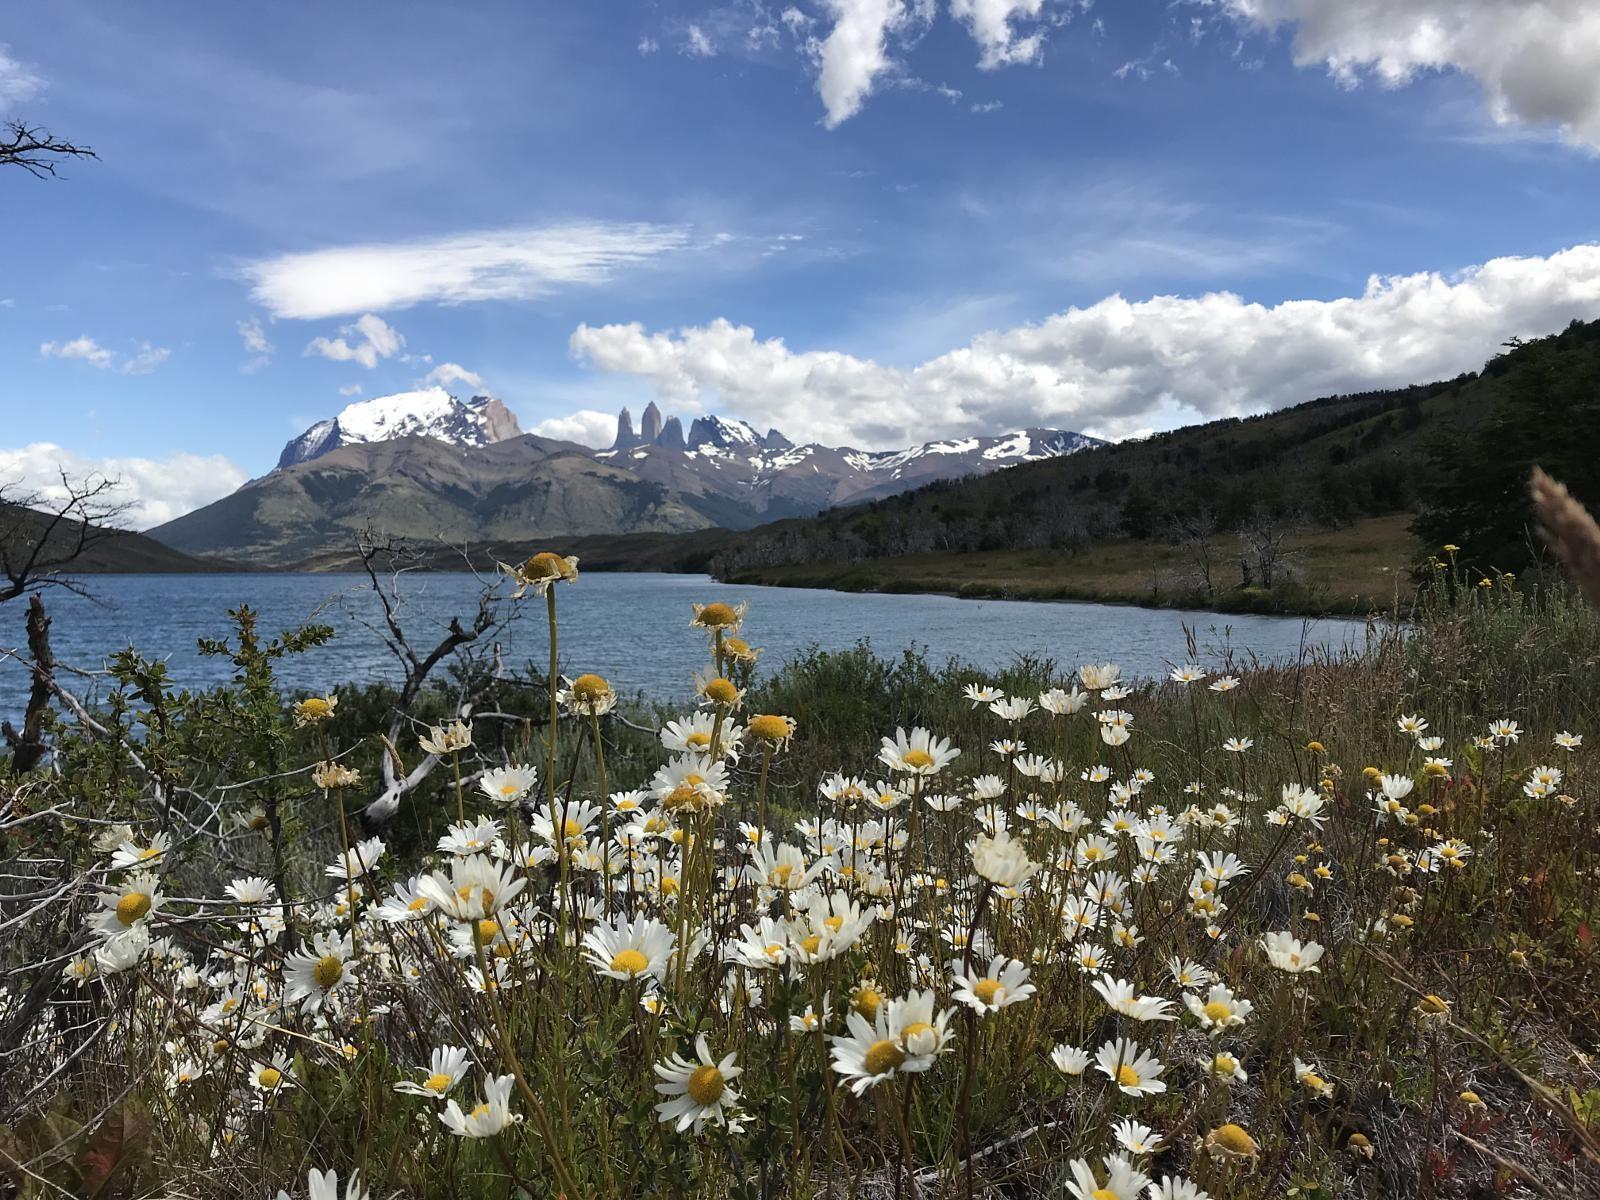 Flores, laguna y las torres del paine al fondo del paisaje